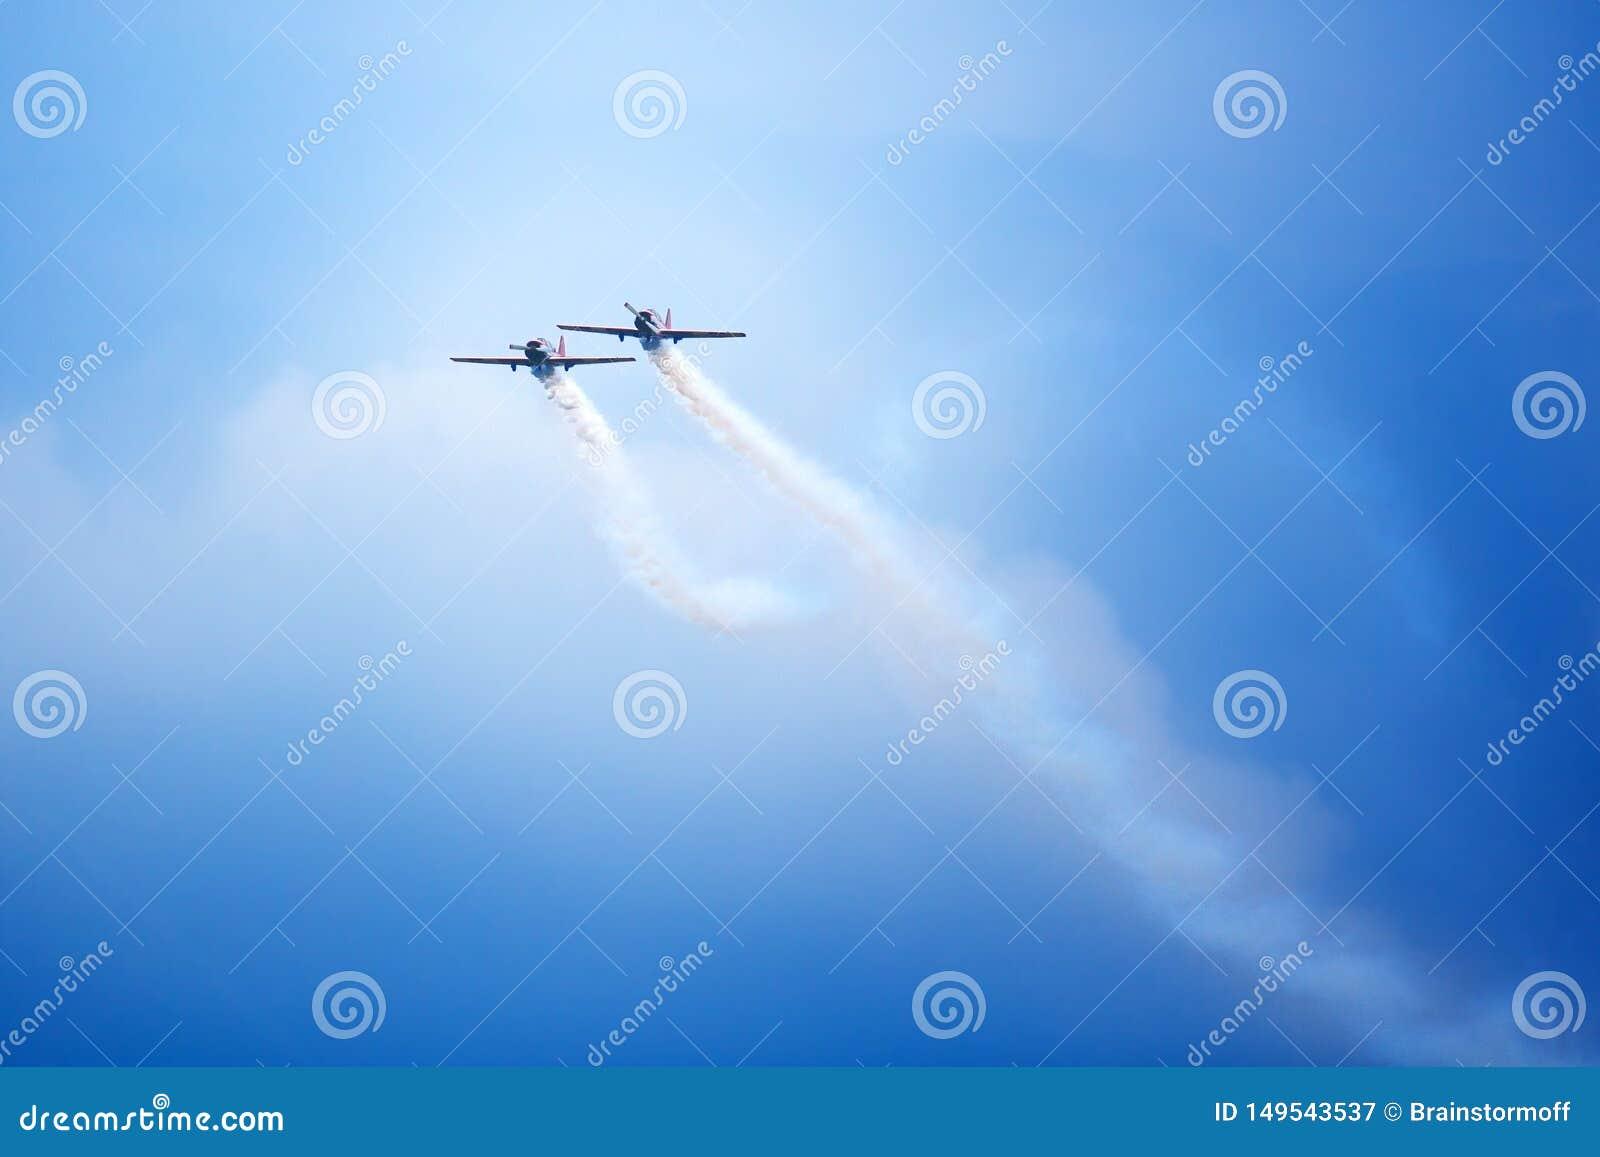 """Aerodromo di Mochishche, show aereo locale, due Yak-52 che volano insieme, gruppo acrobatici """"cielo aperto """", Barnaul"""